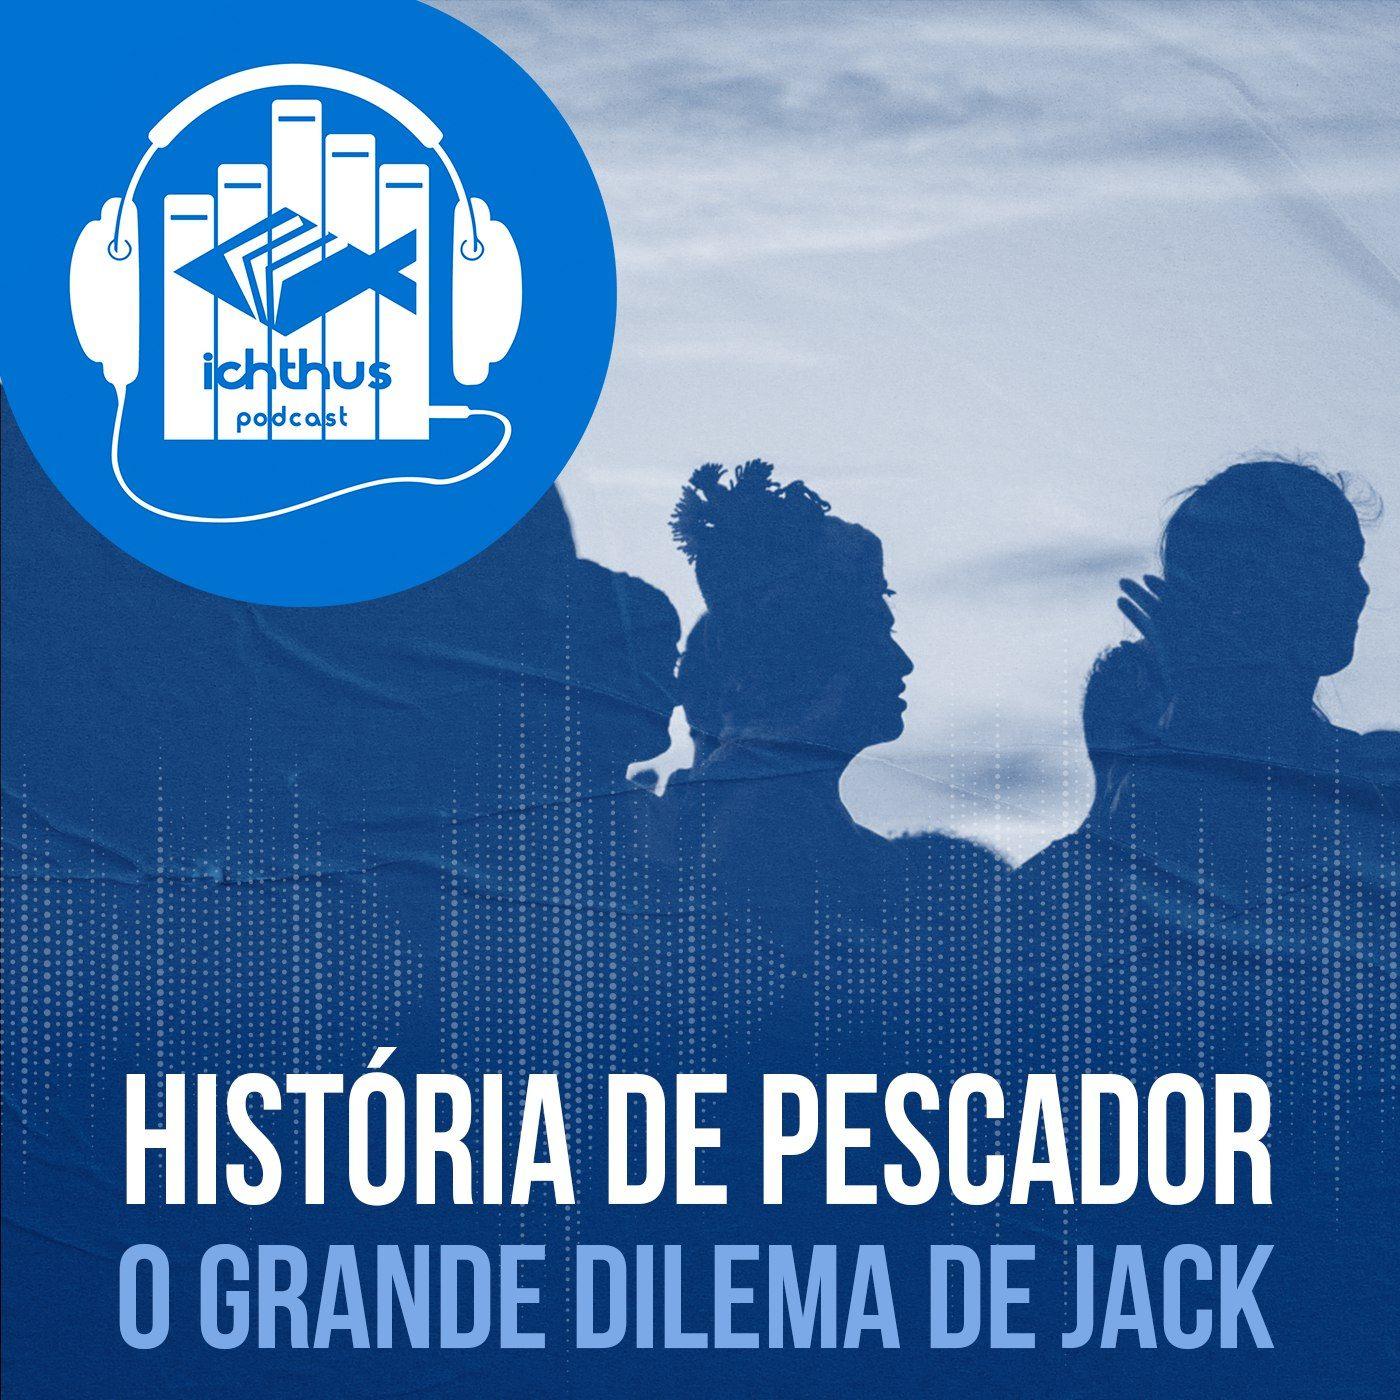 O grande dilema de Jack | História de pescador